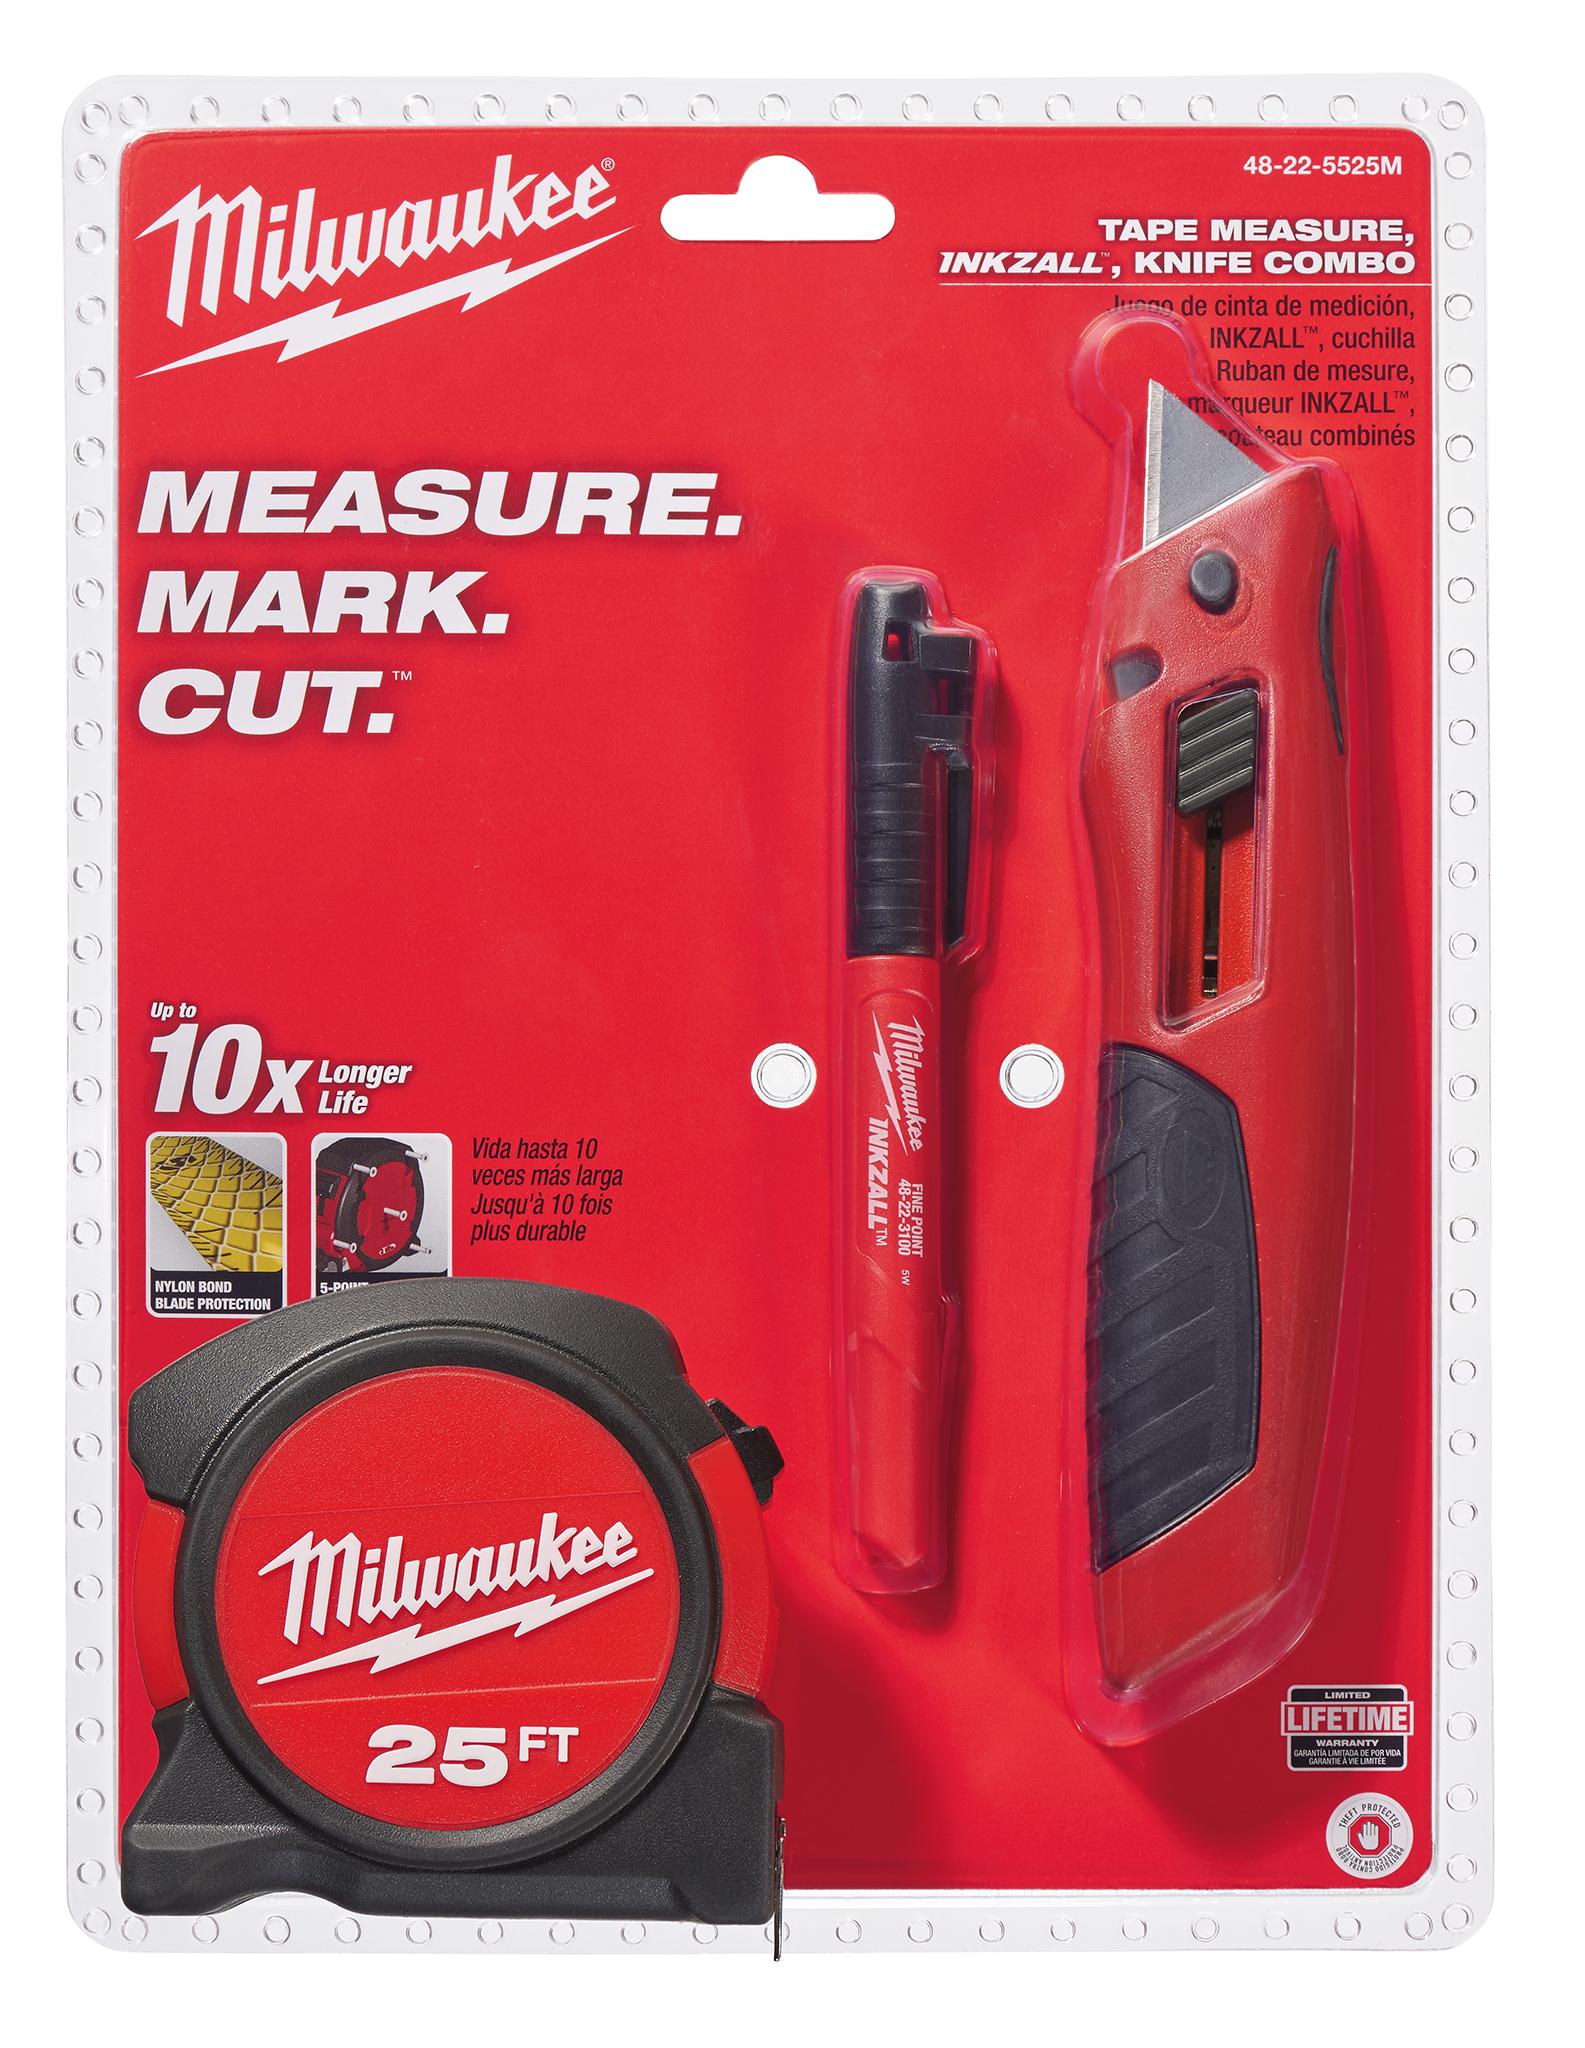 MIL 48-22-5525M KNIFE MARKER MEASURING TAPE PACK